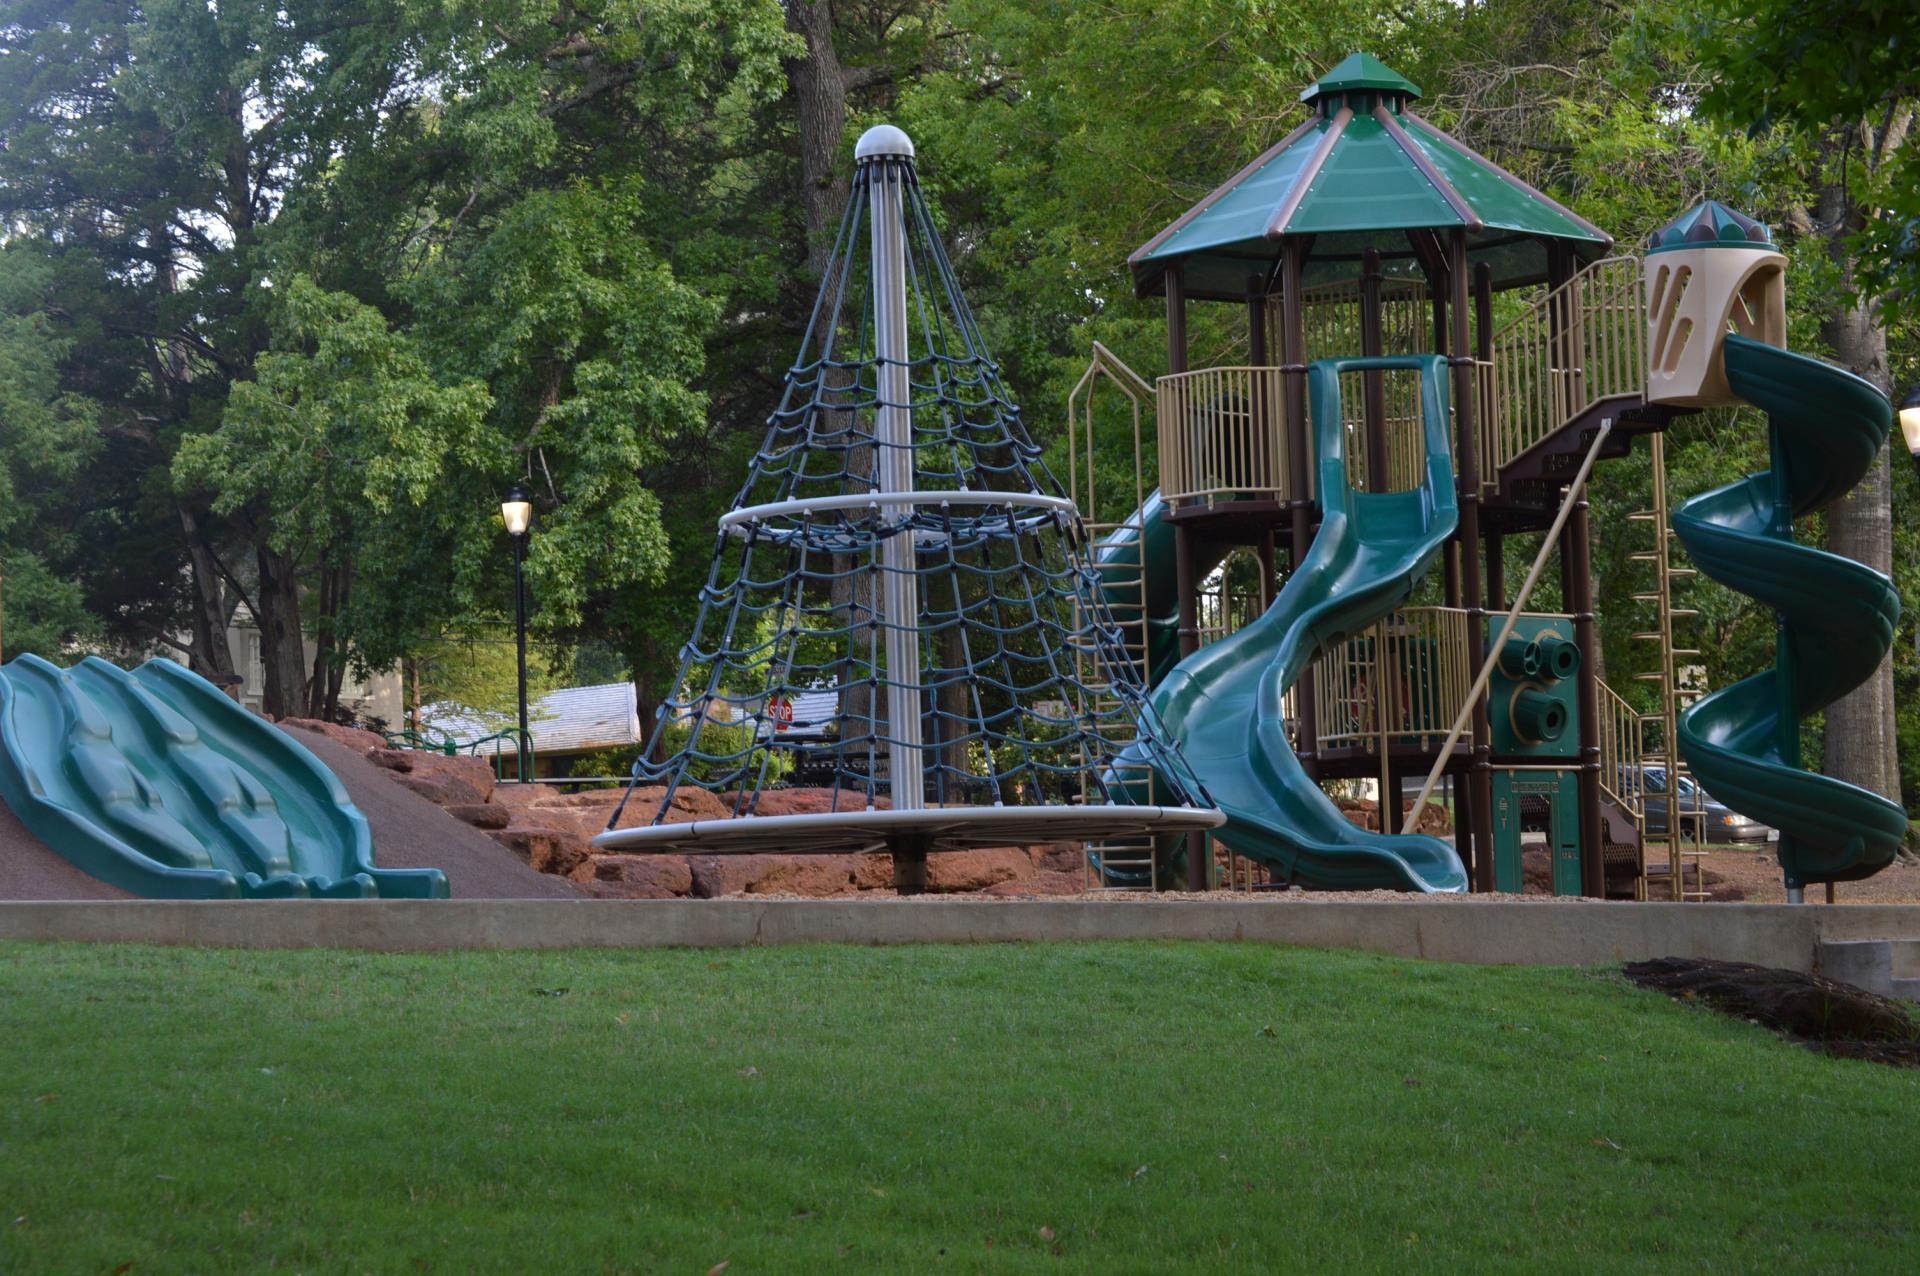 Bergfeld Park Playground